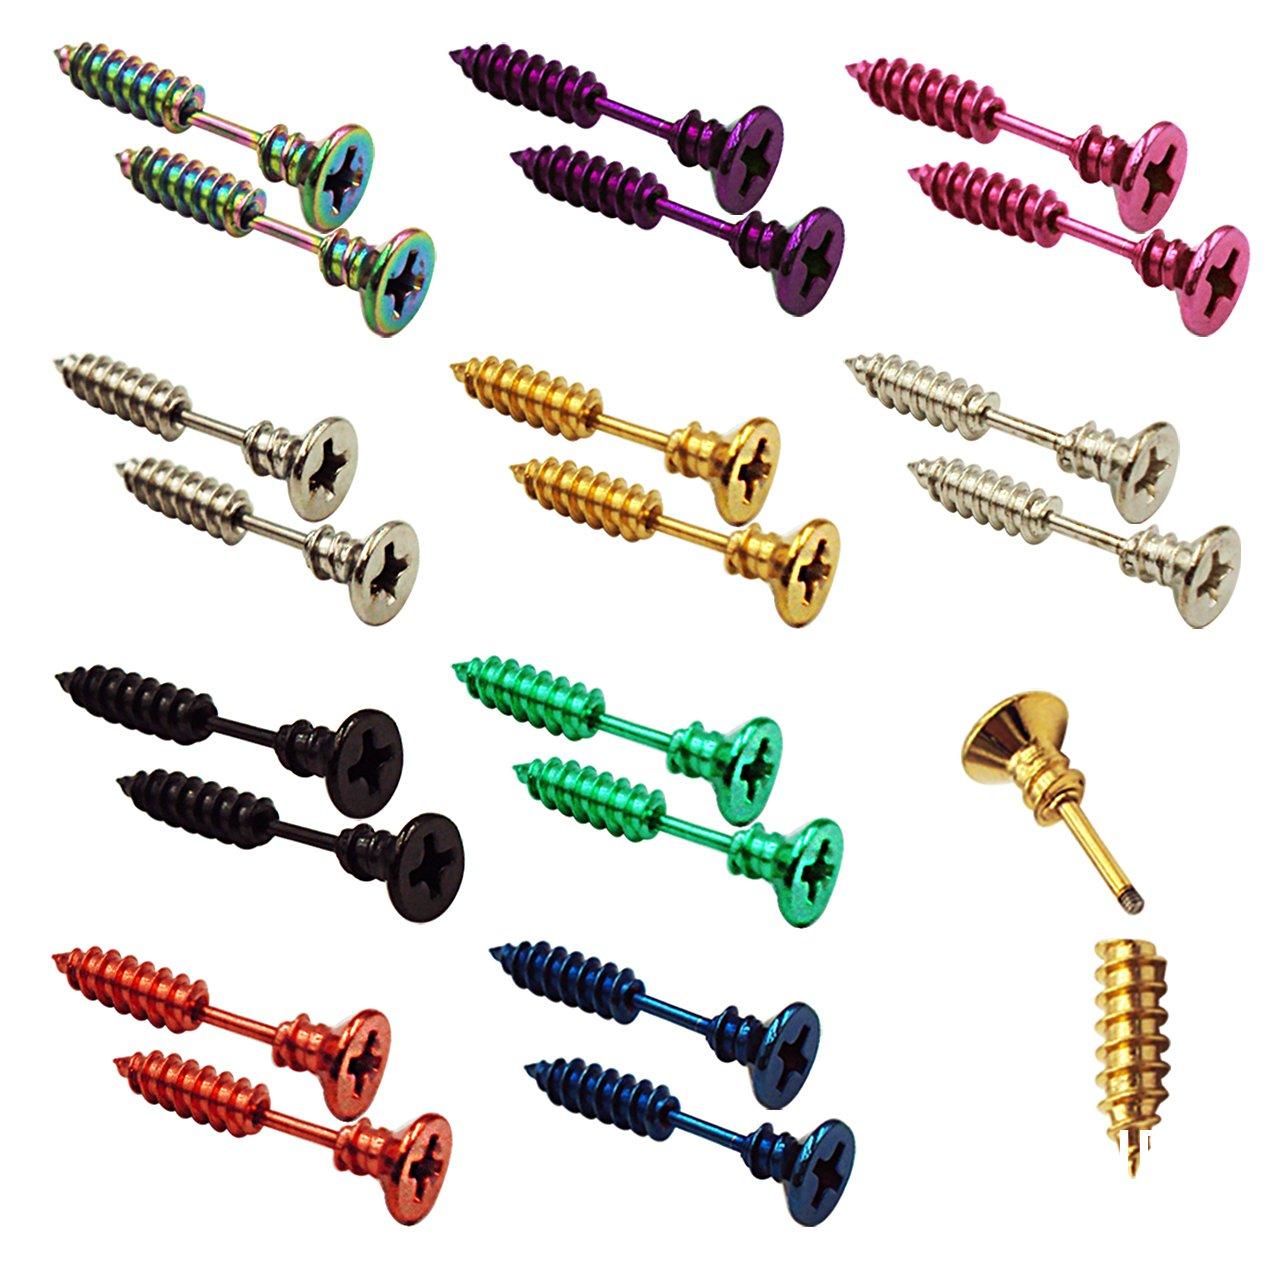 FANCER (20 PCS) Screw Earrings, Men's Women's Stainless Steel Punk Hip-hop Rock Screw Spike Rivet Nail Unisex Piercing Ear Studs Jewelry